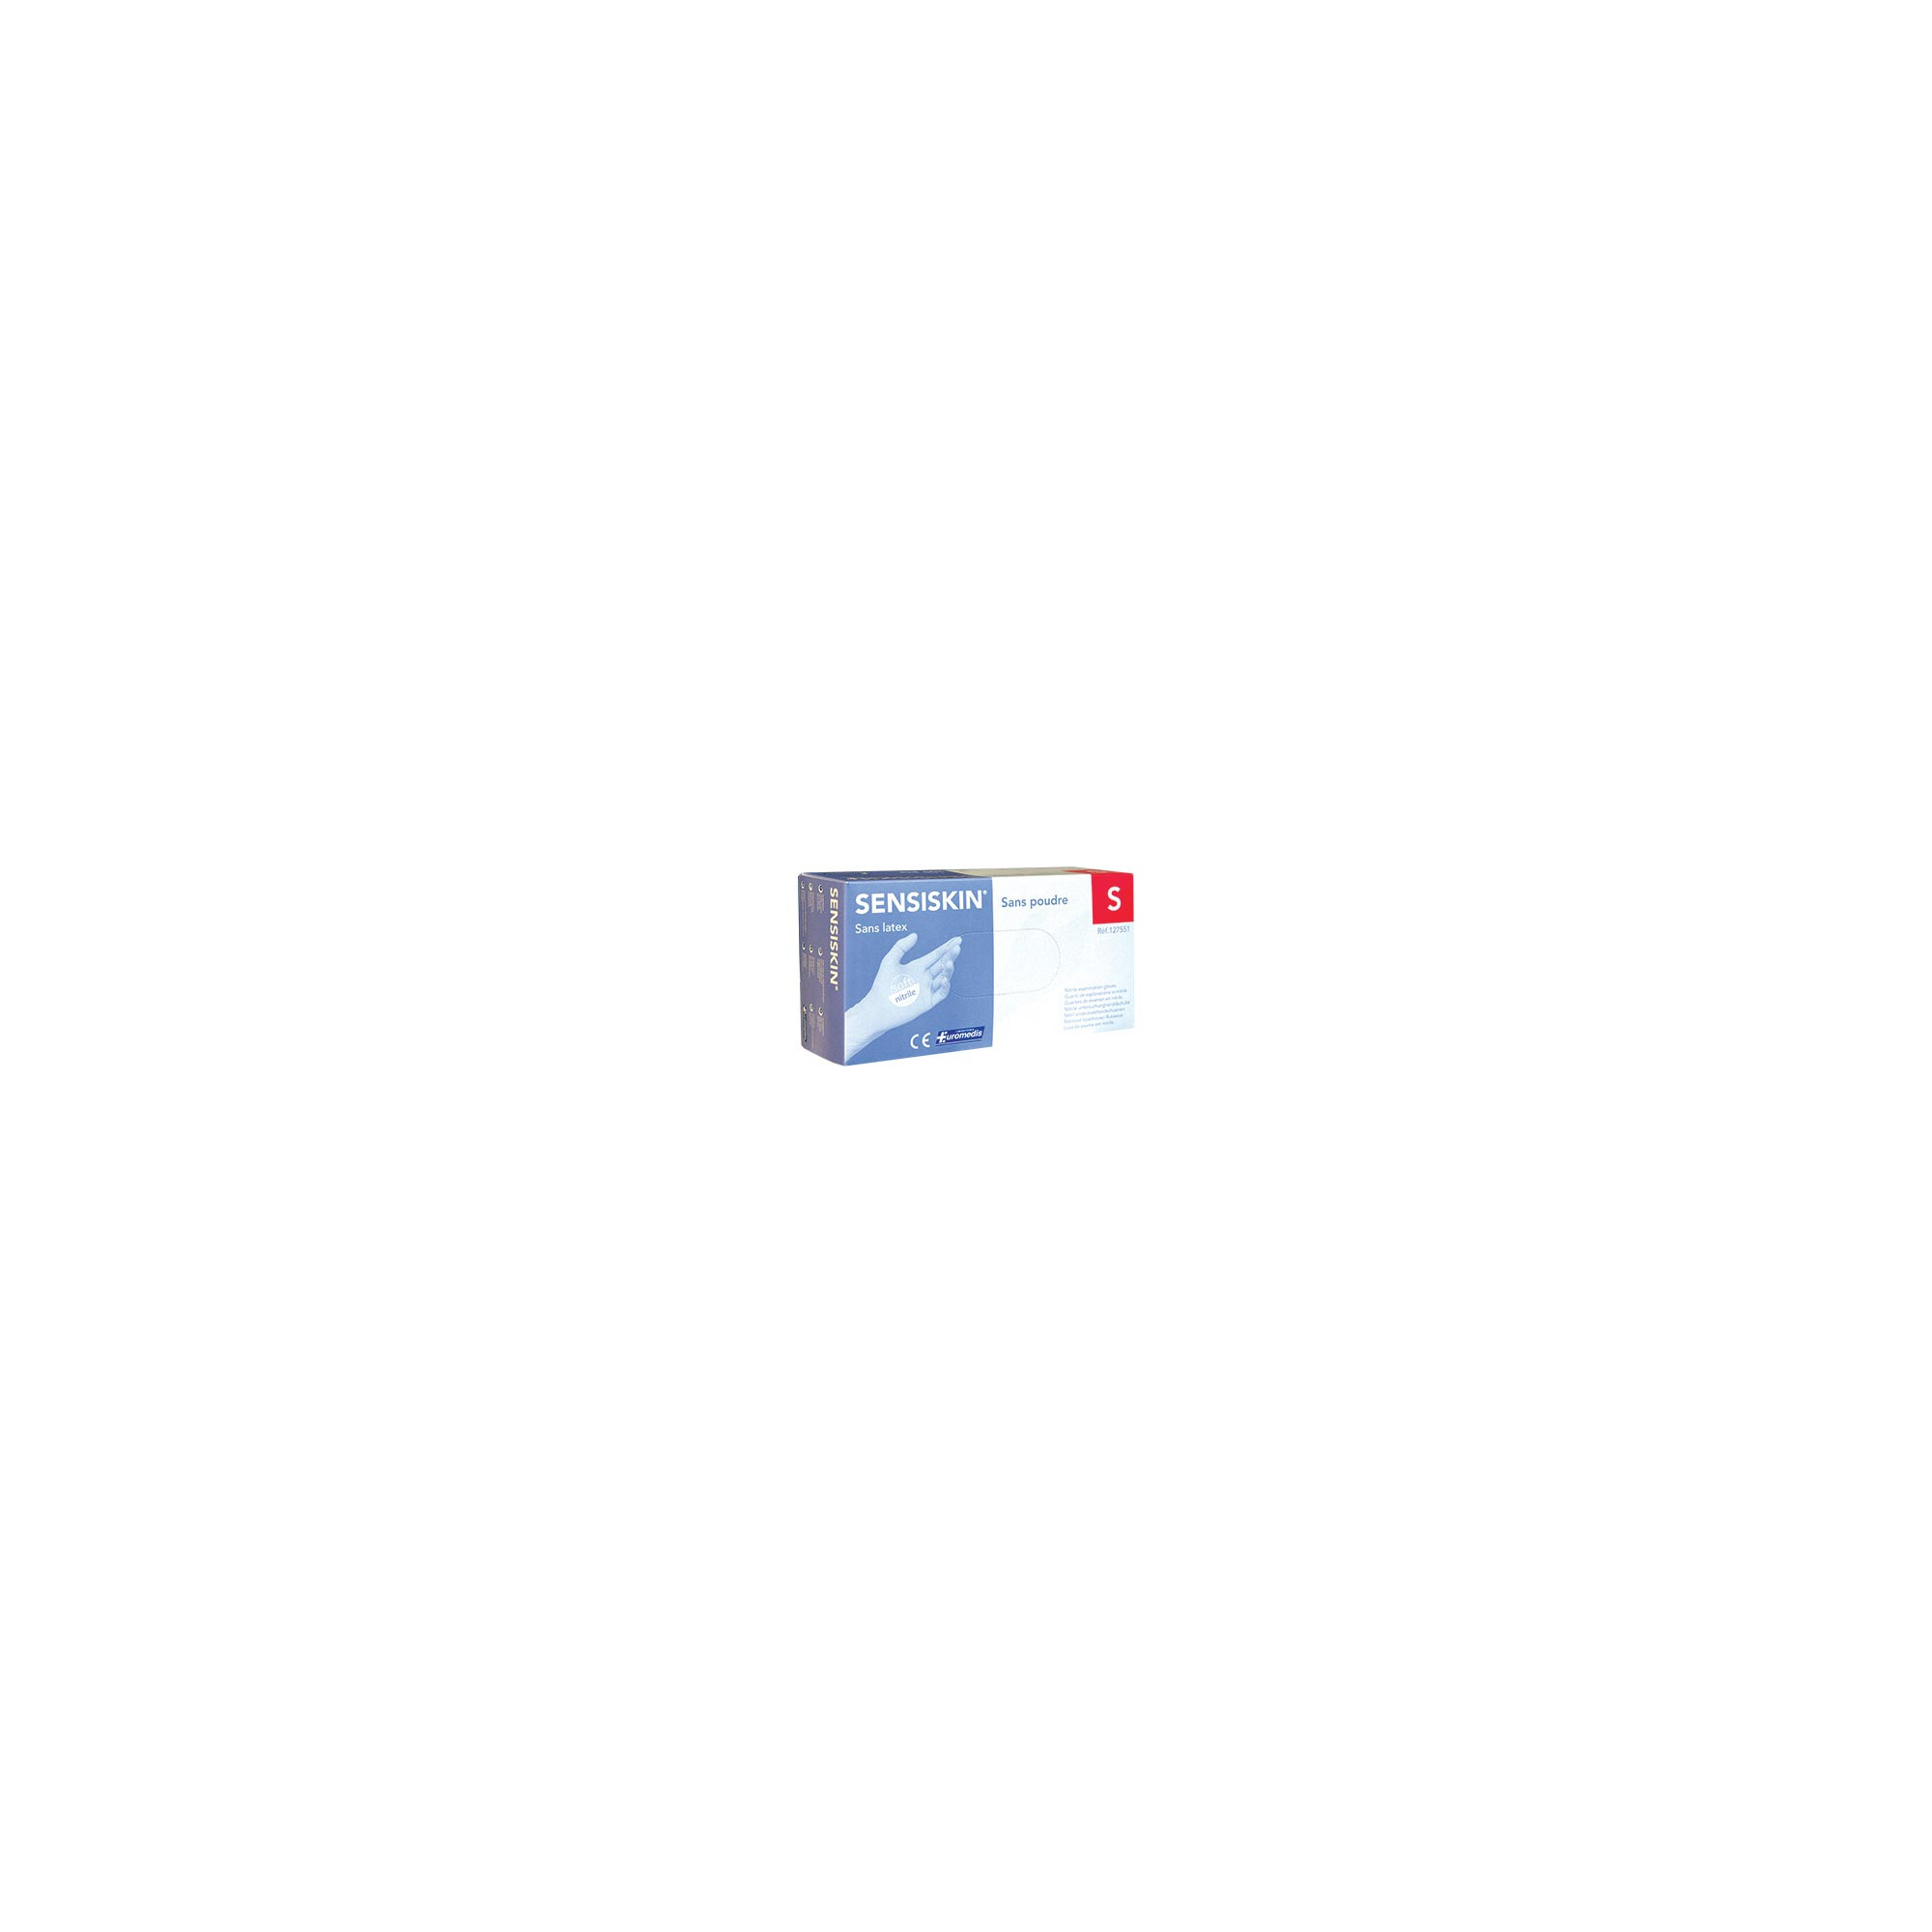 Gants d'examen - Nitrile - Sans poudre - Ambidextres - Boite de 100 - Sensiskin